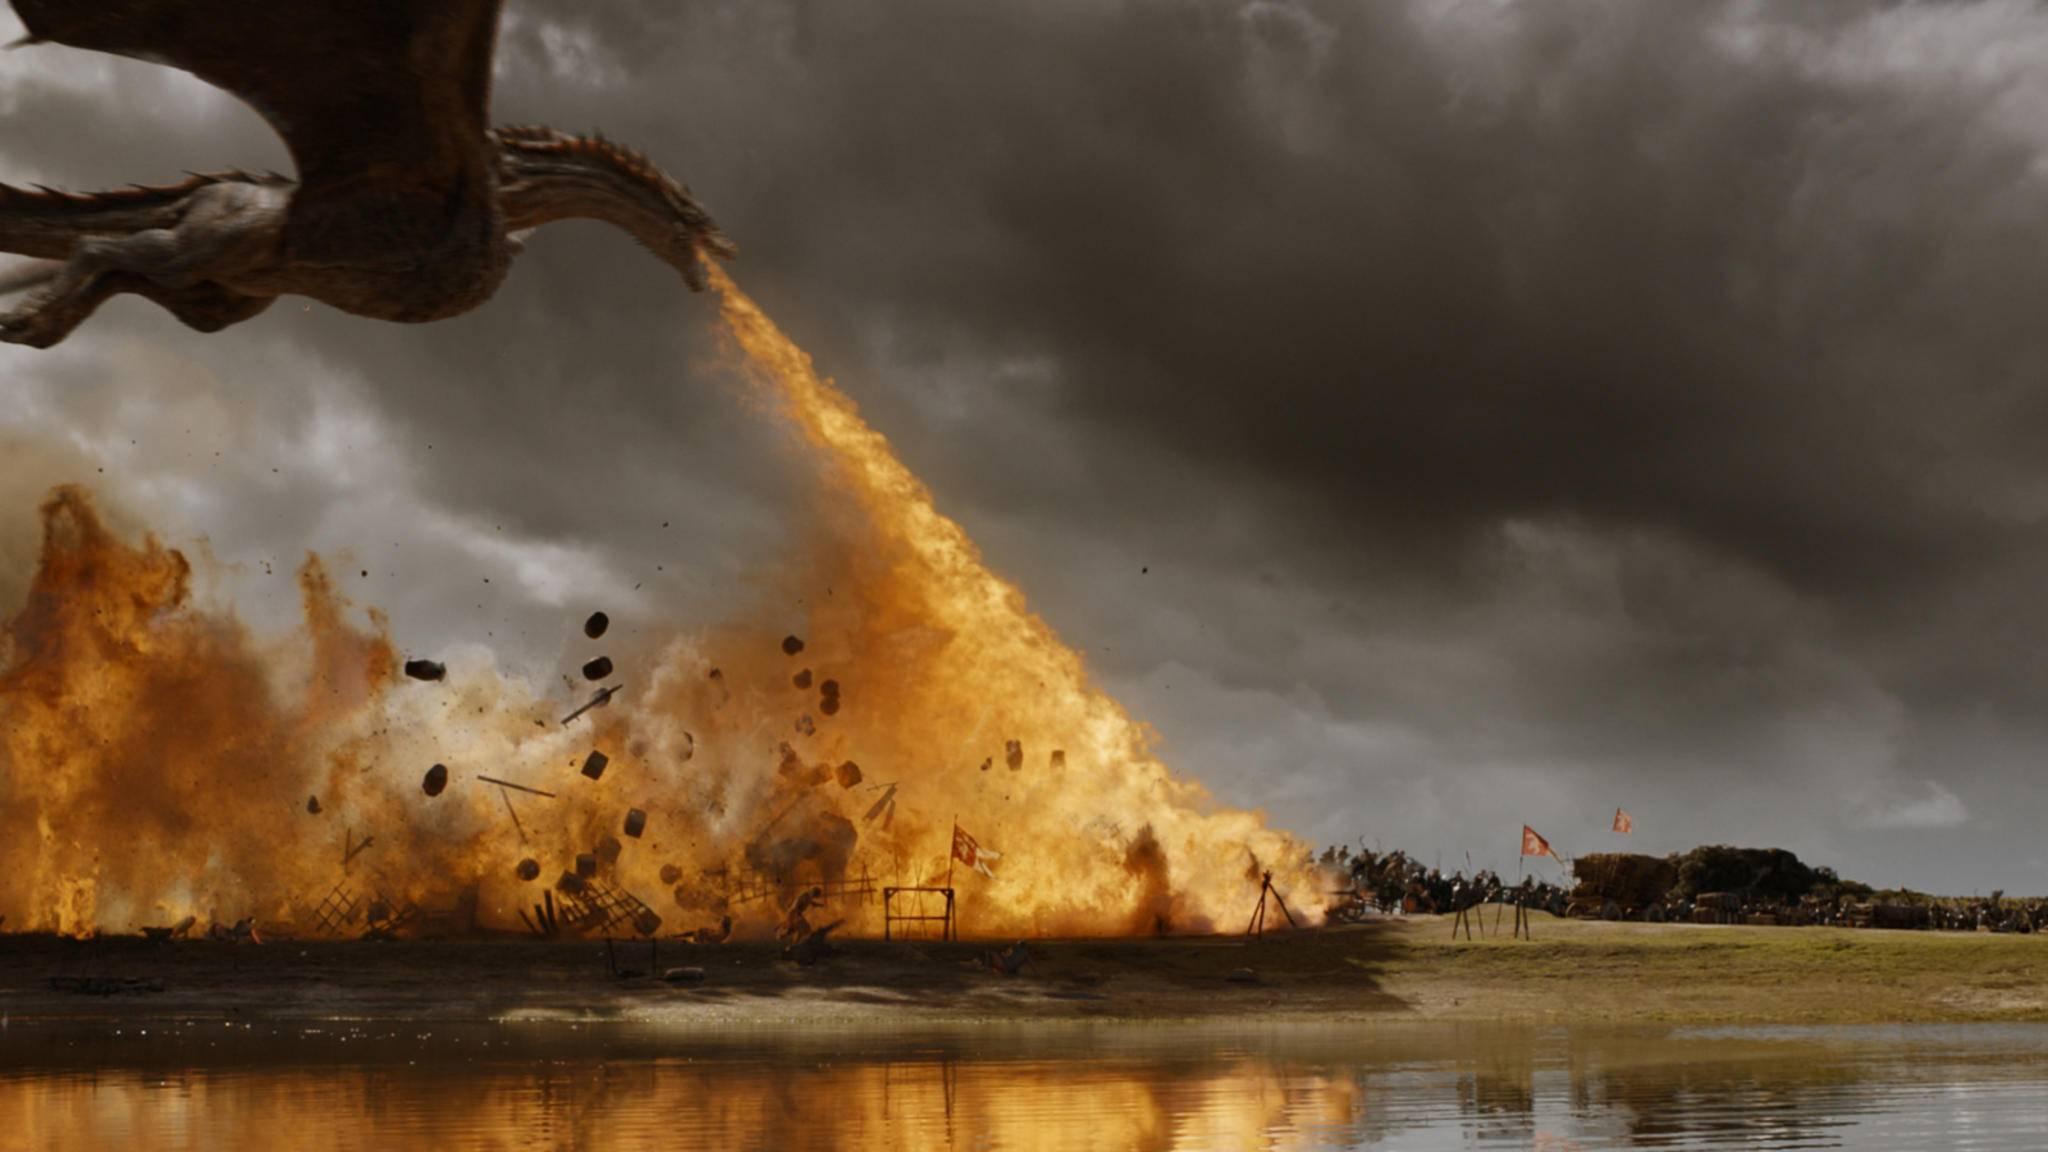 """Falls HBO noch Ideen für ihre """"Game of Thrones""""-Spin-offs sucht: Wir hätten da ein paar Ideen."""